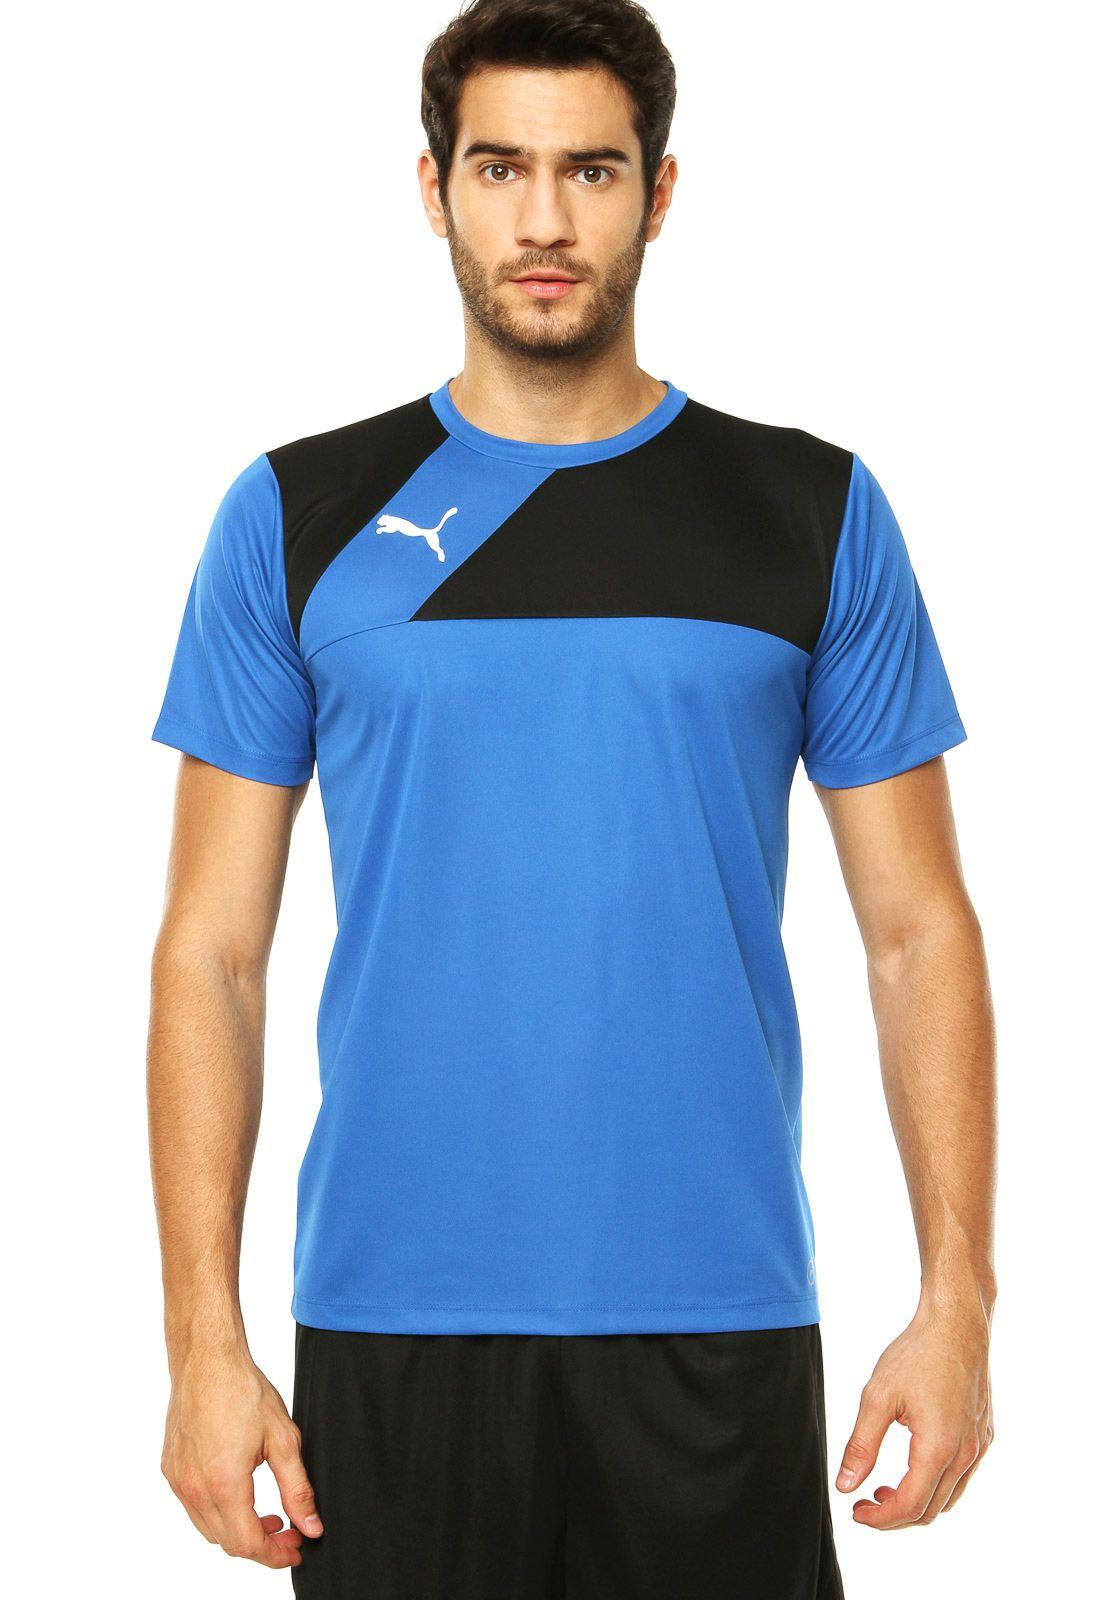 9ffd38d1e Camiseta Puma Entry Training Jersey Modelo Masuclina - Manga Curta  Especificação: Conheça a Camisa Puma Entry Training – Masculina!